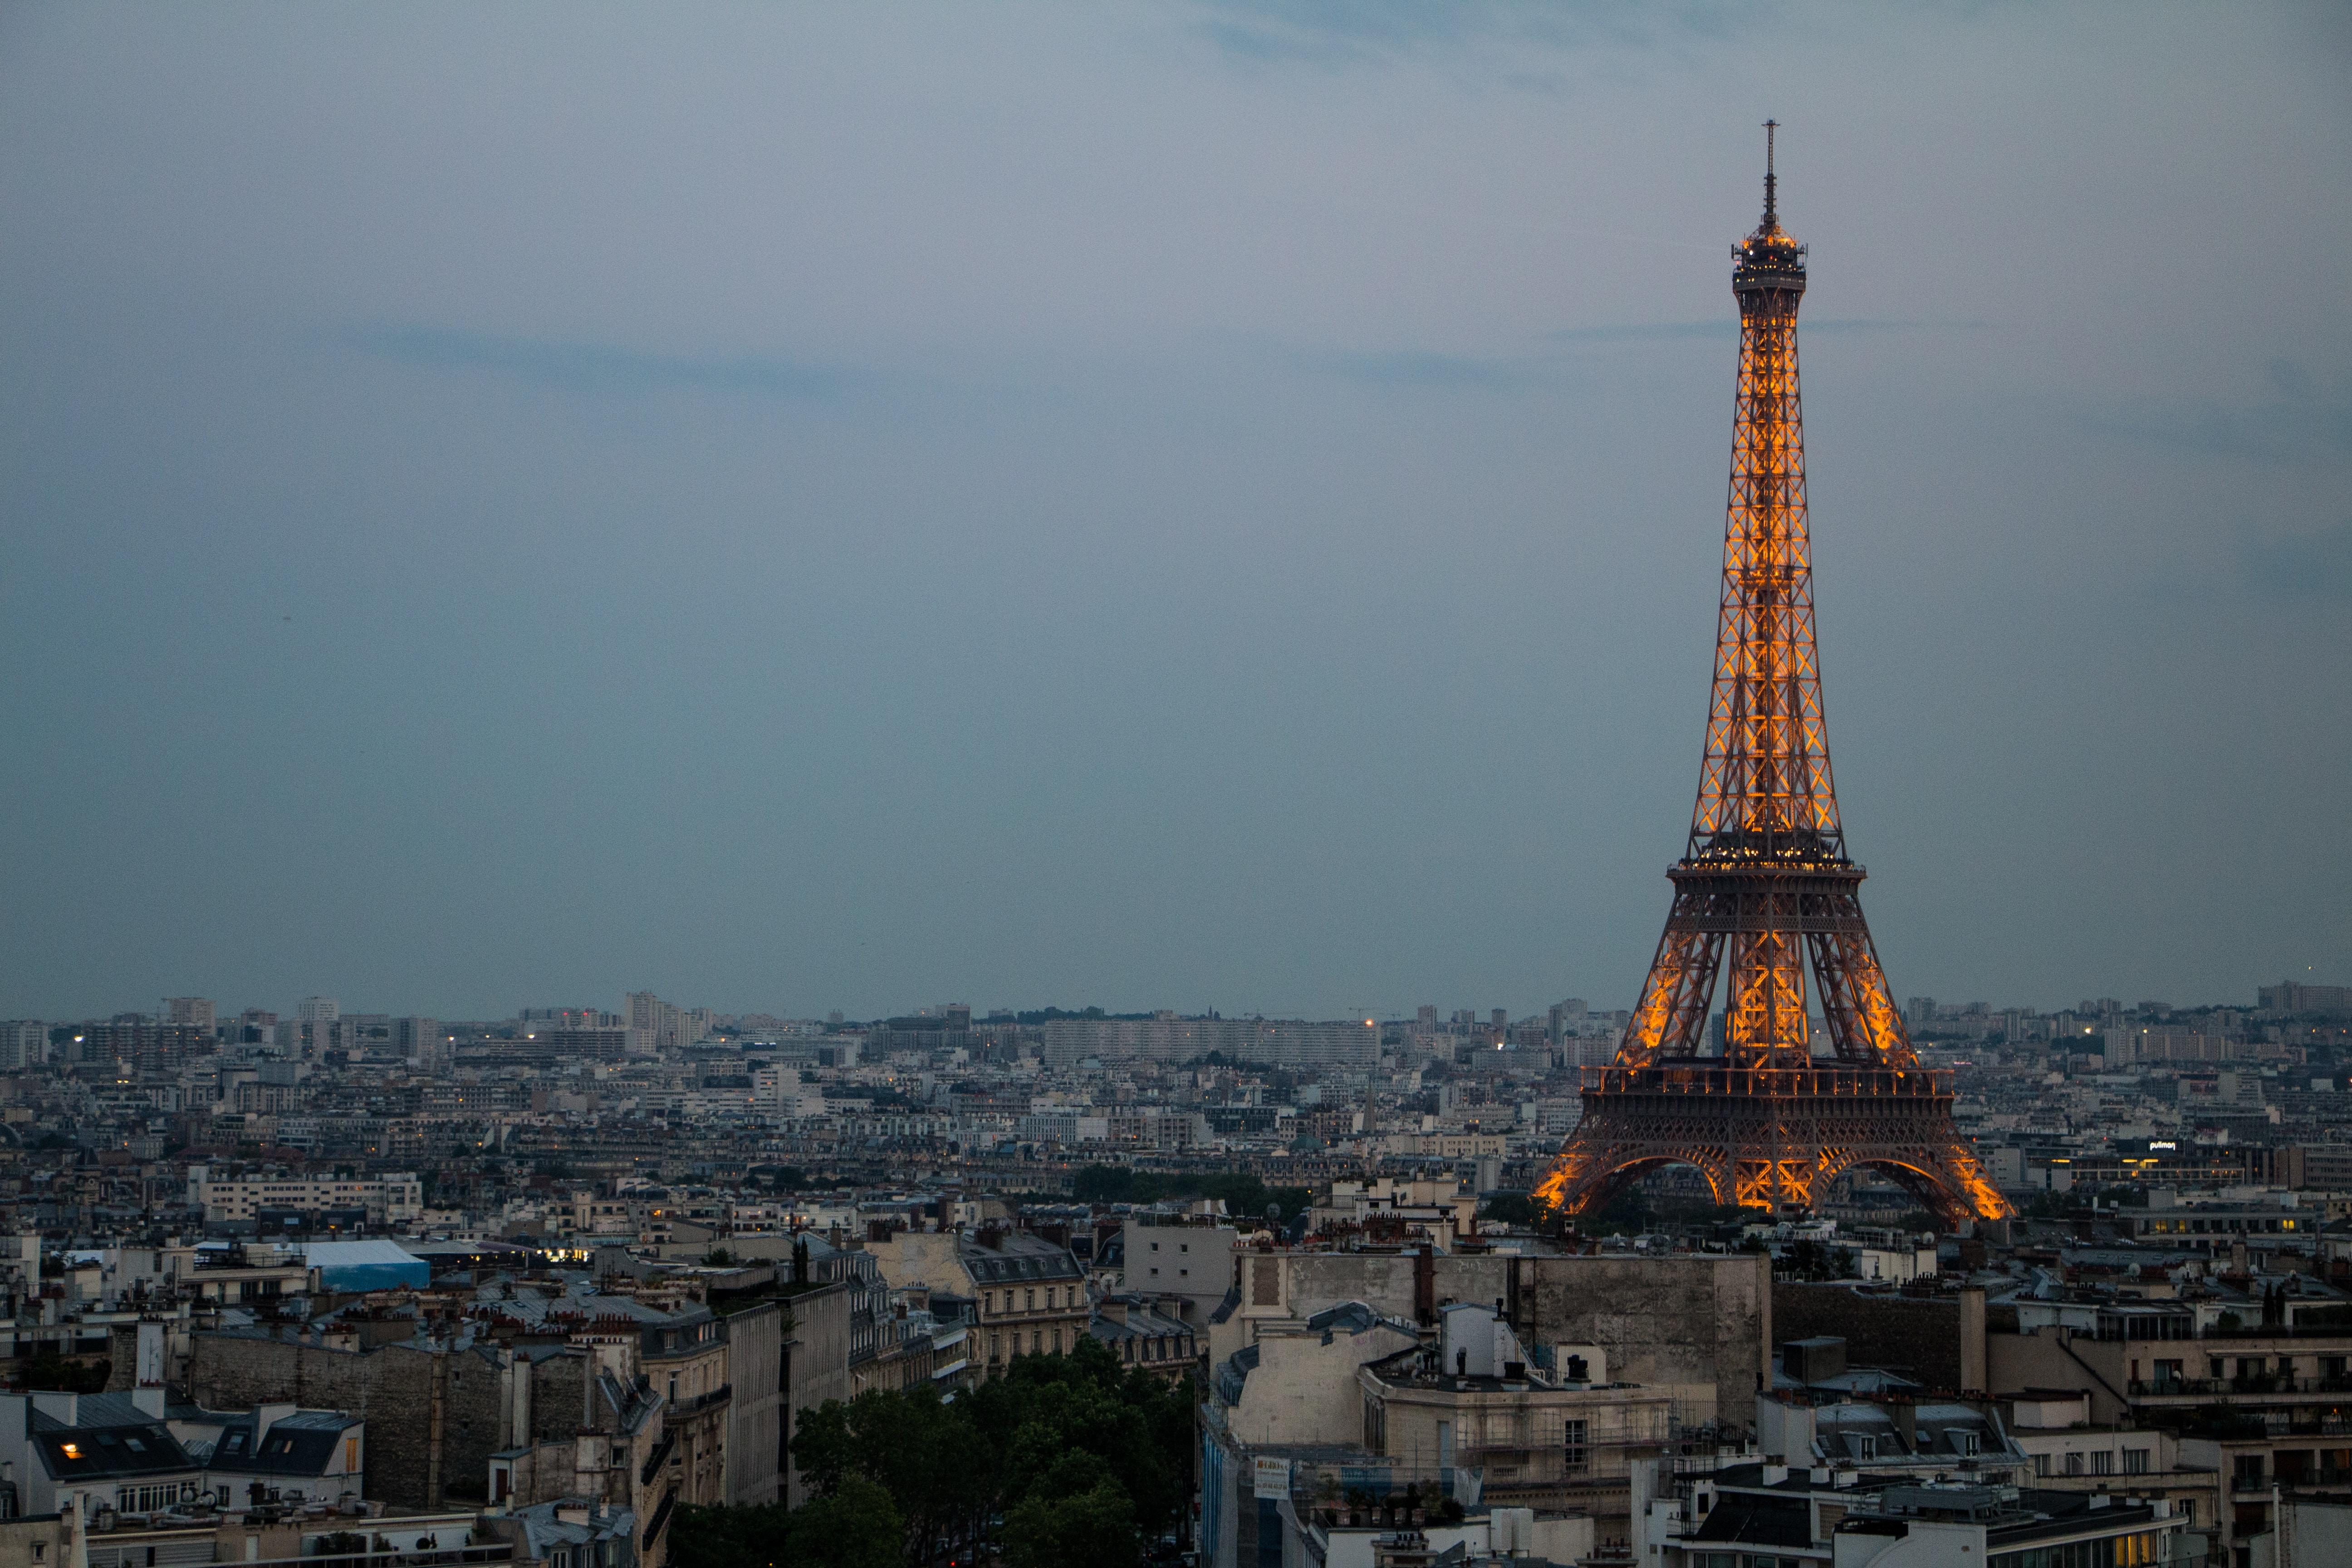 Eiffel Tower, Paris during daytime